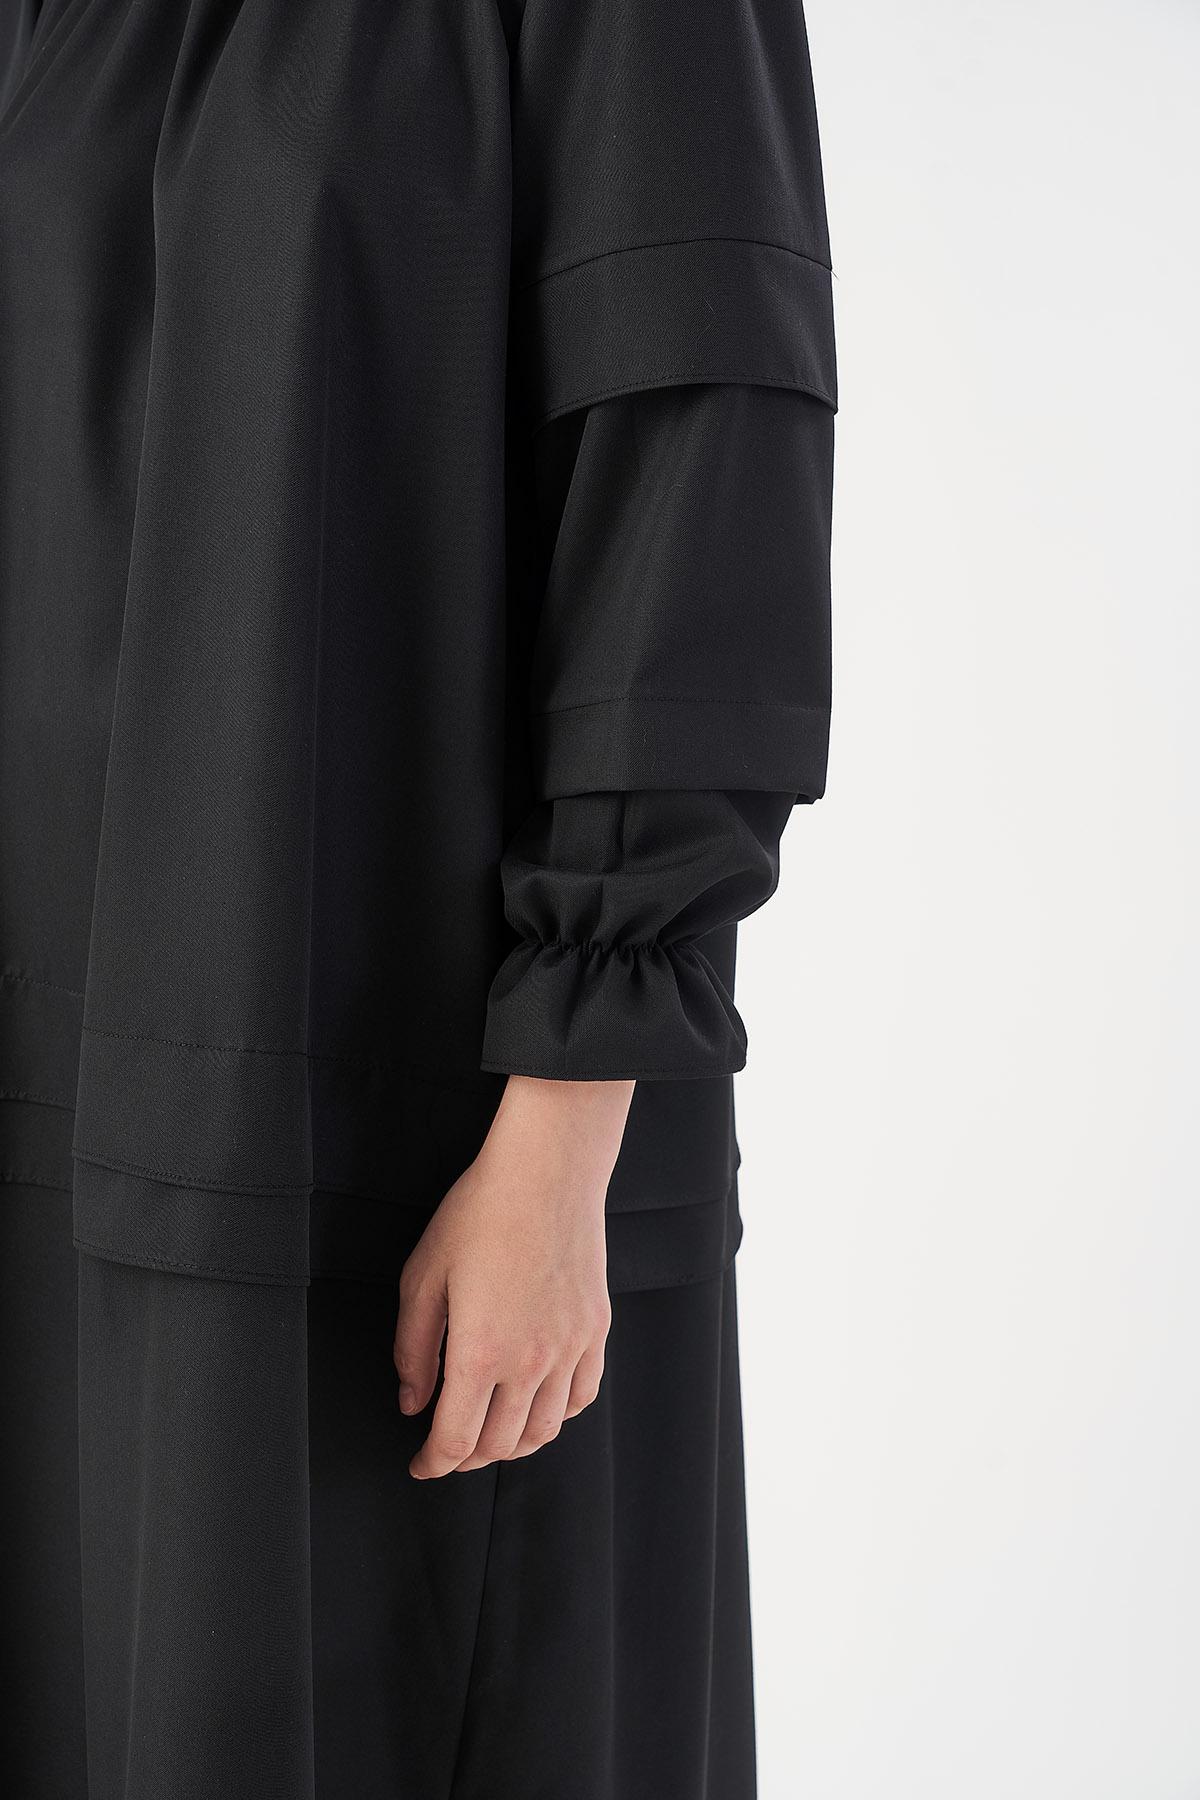 Mevra - Pera Elbise Siyah